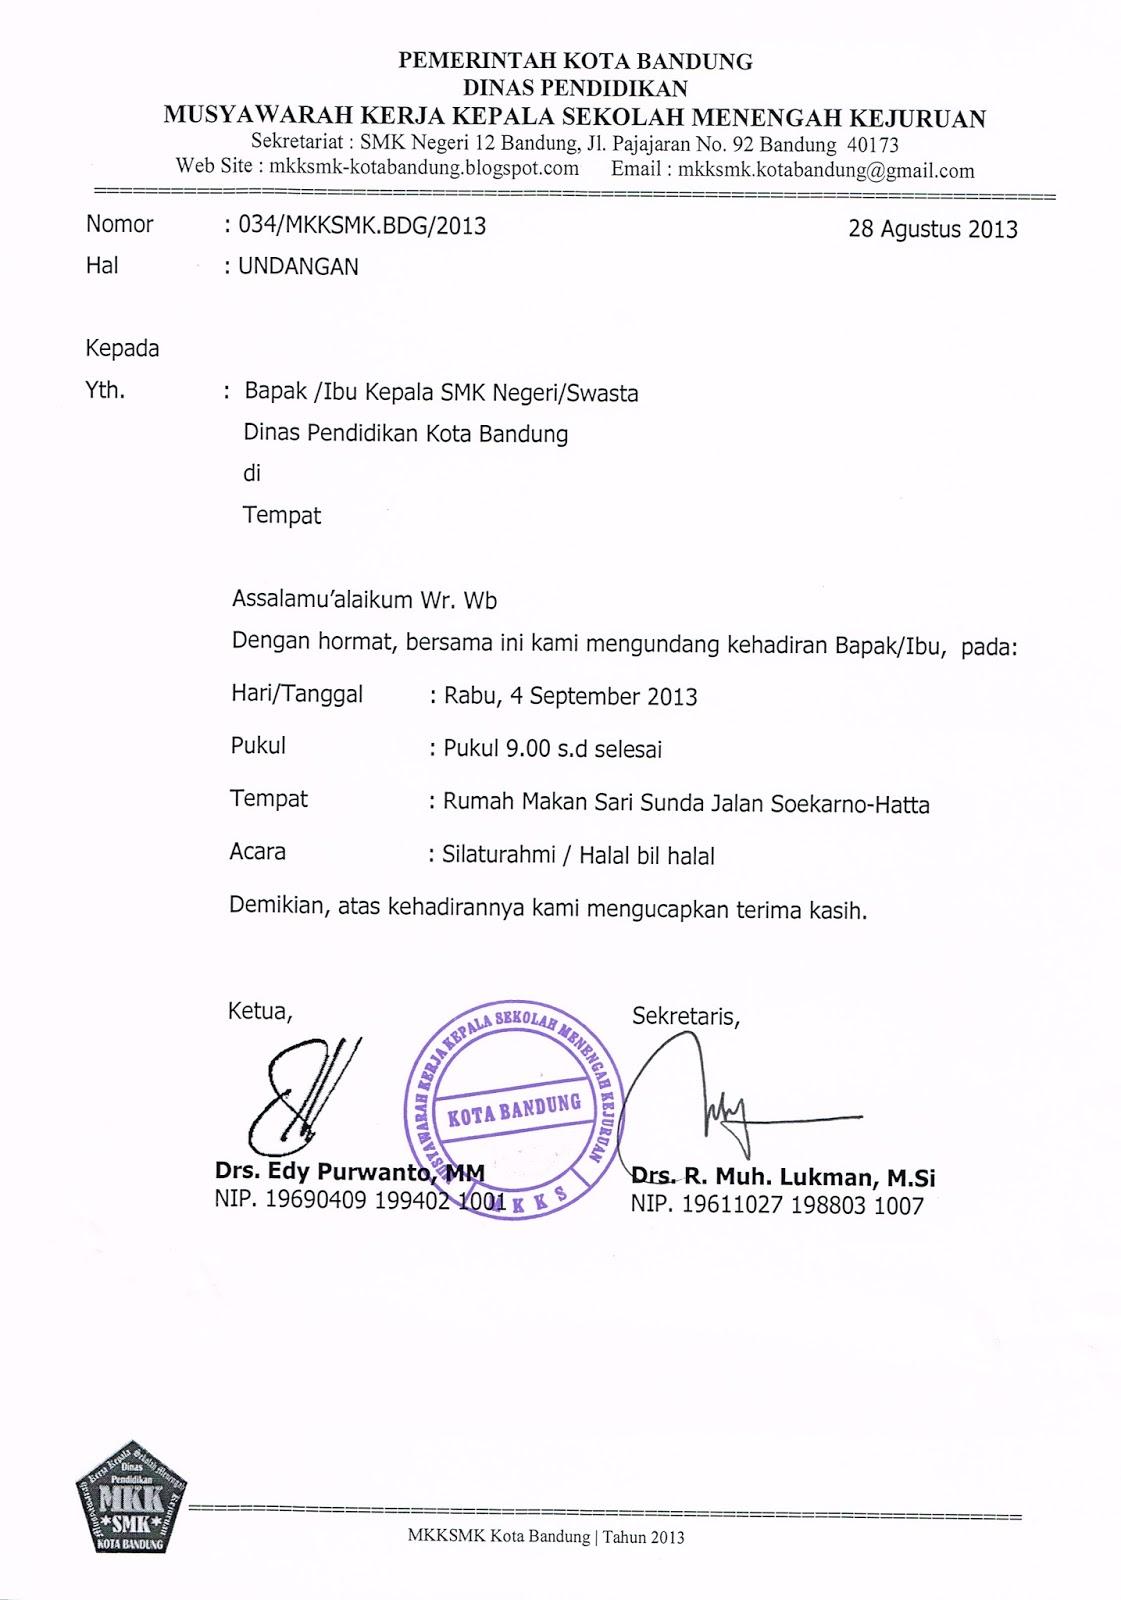 Musyawarah Kerja Kepala Smk Kota Bandung Undangan Halal Bi Halal